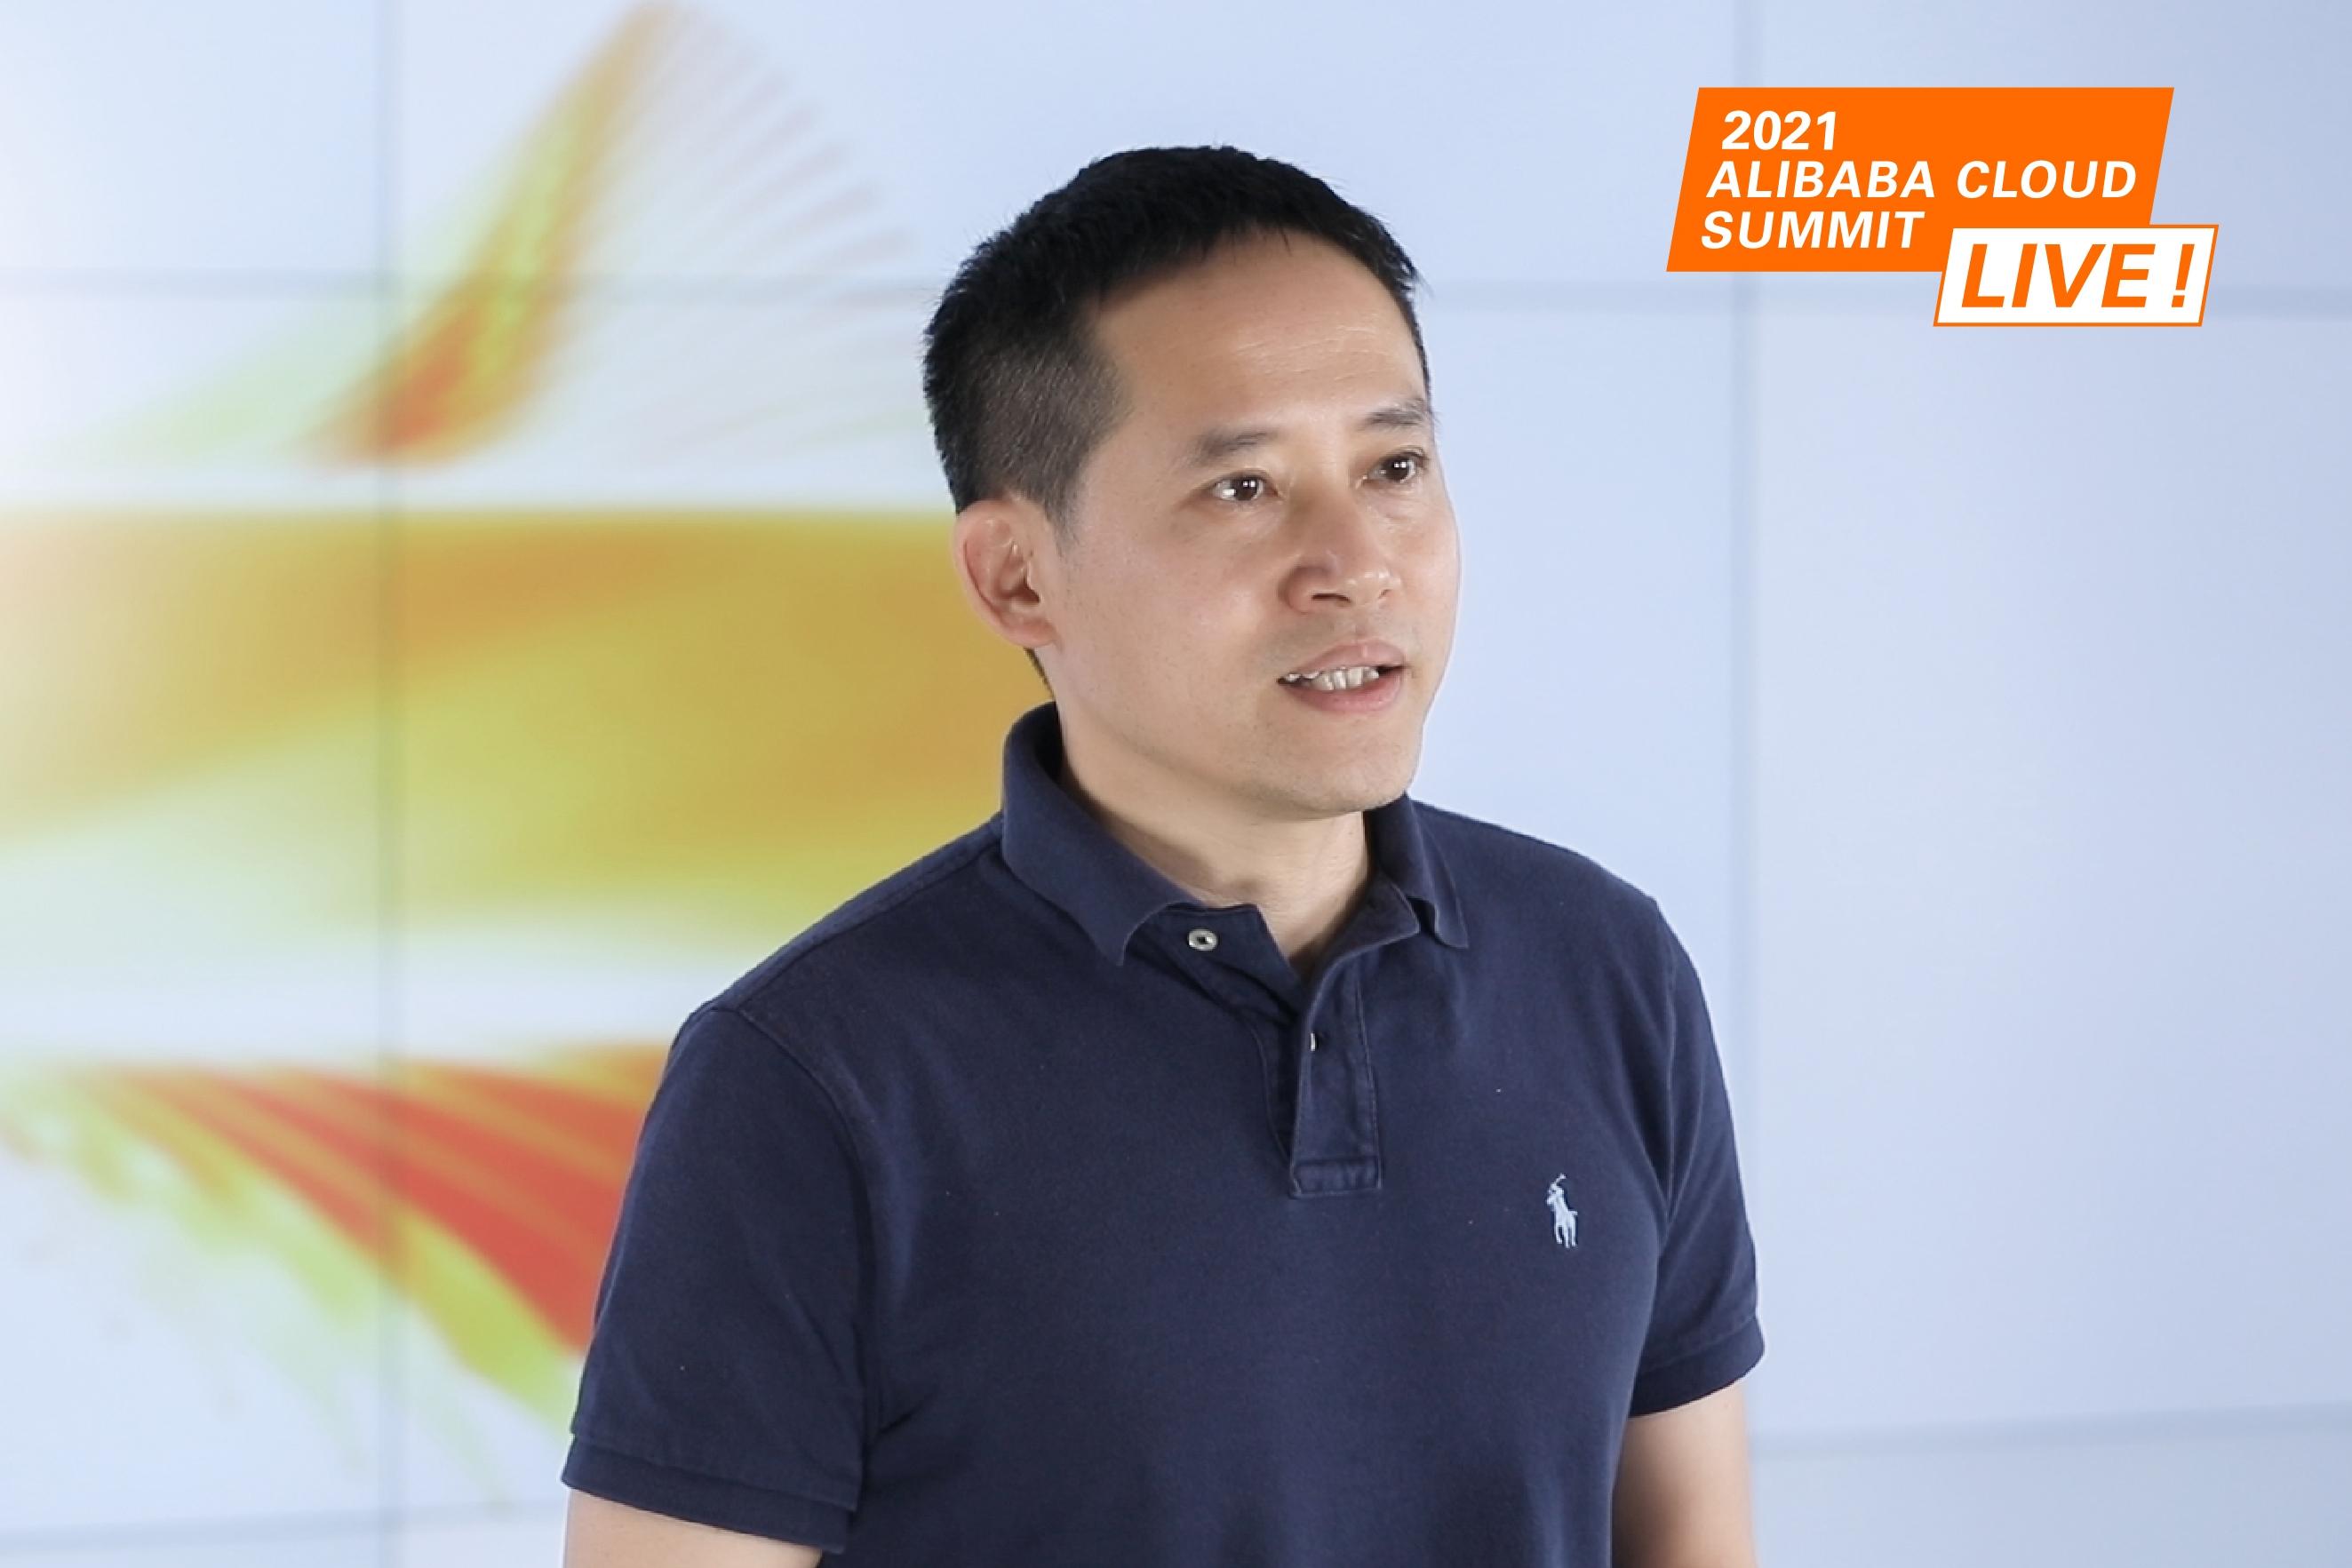 Jeff Zhang, President of Alibaba Cloud Intelligence dalam Virtual Summit yang diadakan pada 8 Juni 2021.